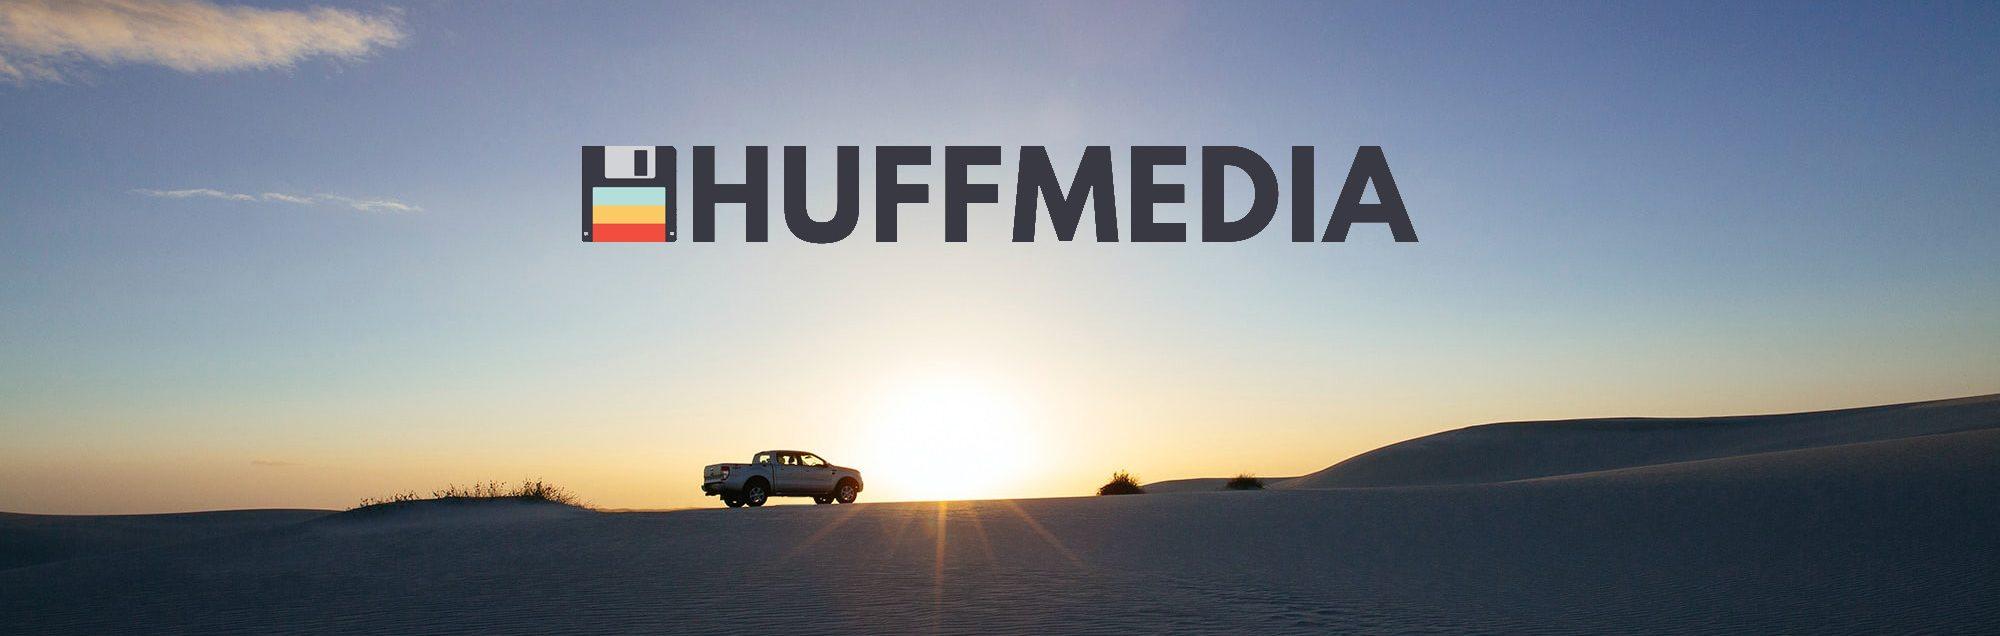 HUFF MEDIA